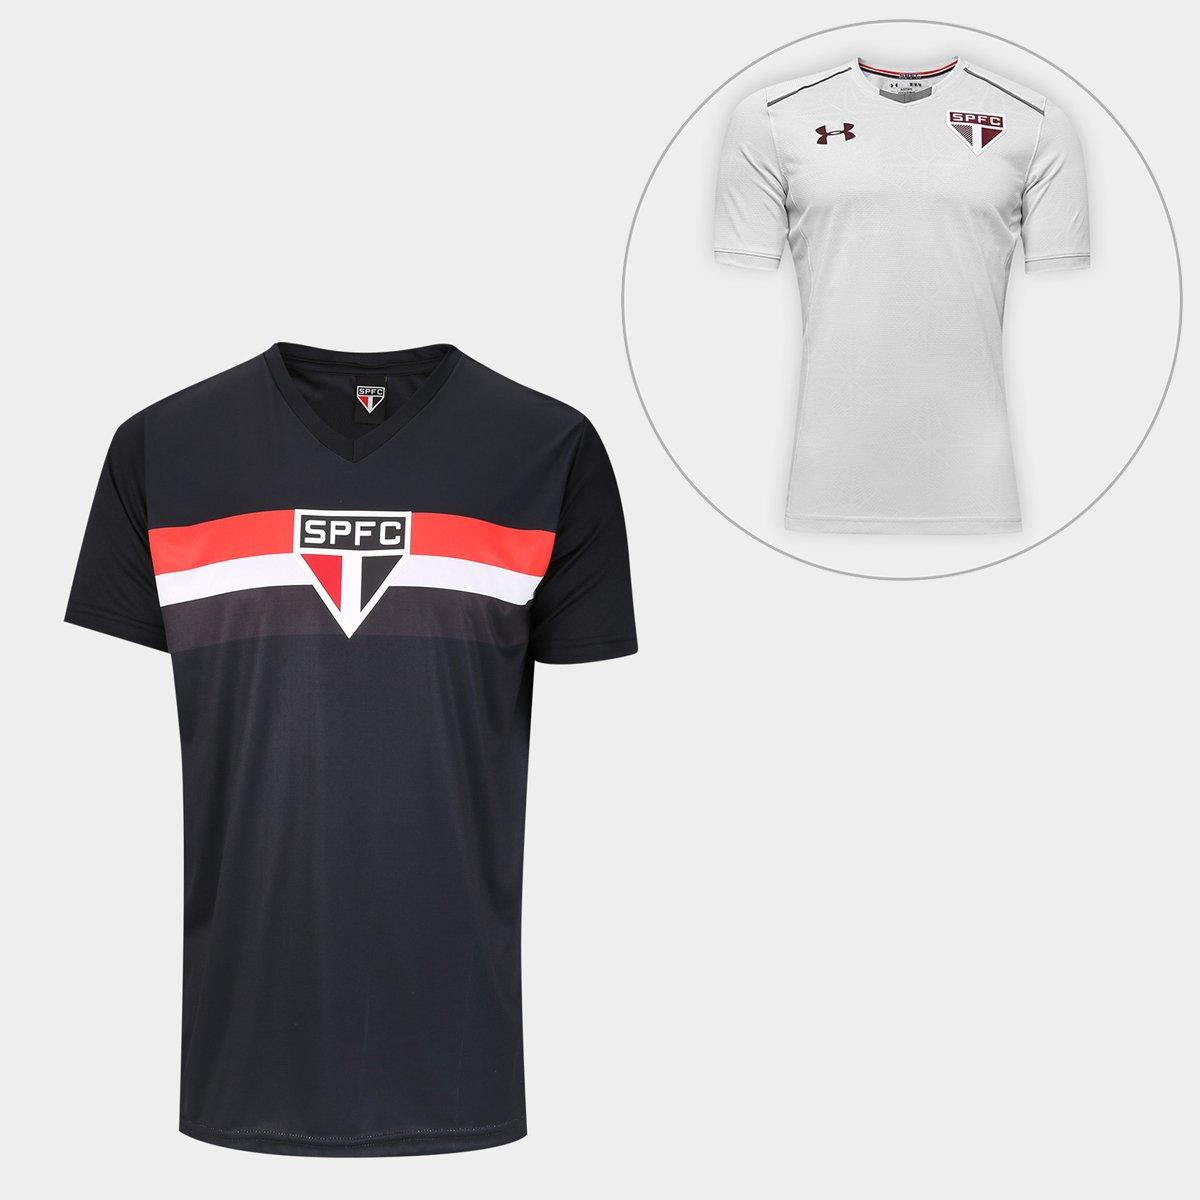 238895ff1c4 Kit São Paulo Camisa Goleiro 2005 s n° + Camisa de Treino 17 18 Under  Armour Masculino - Compre Agora